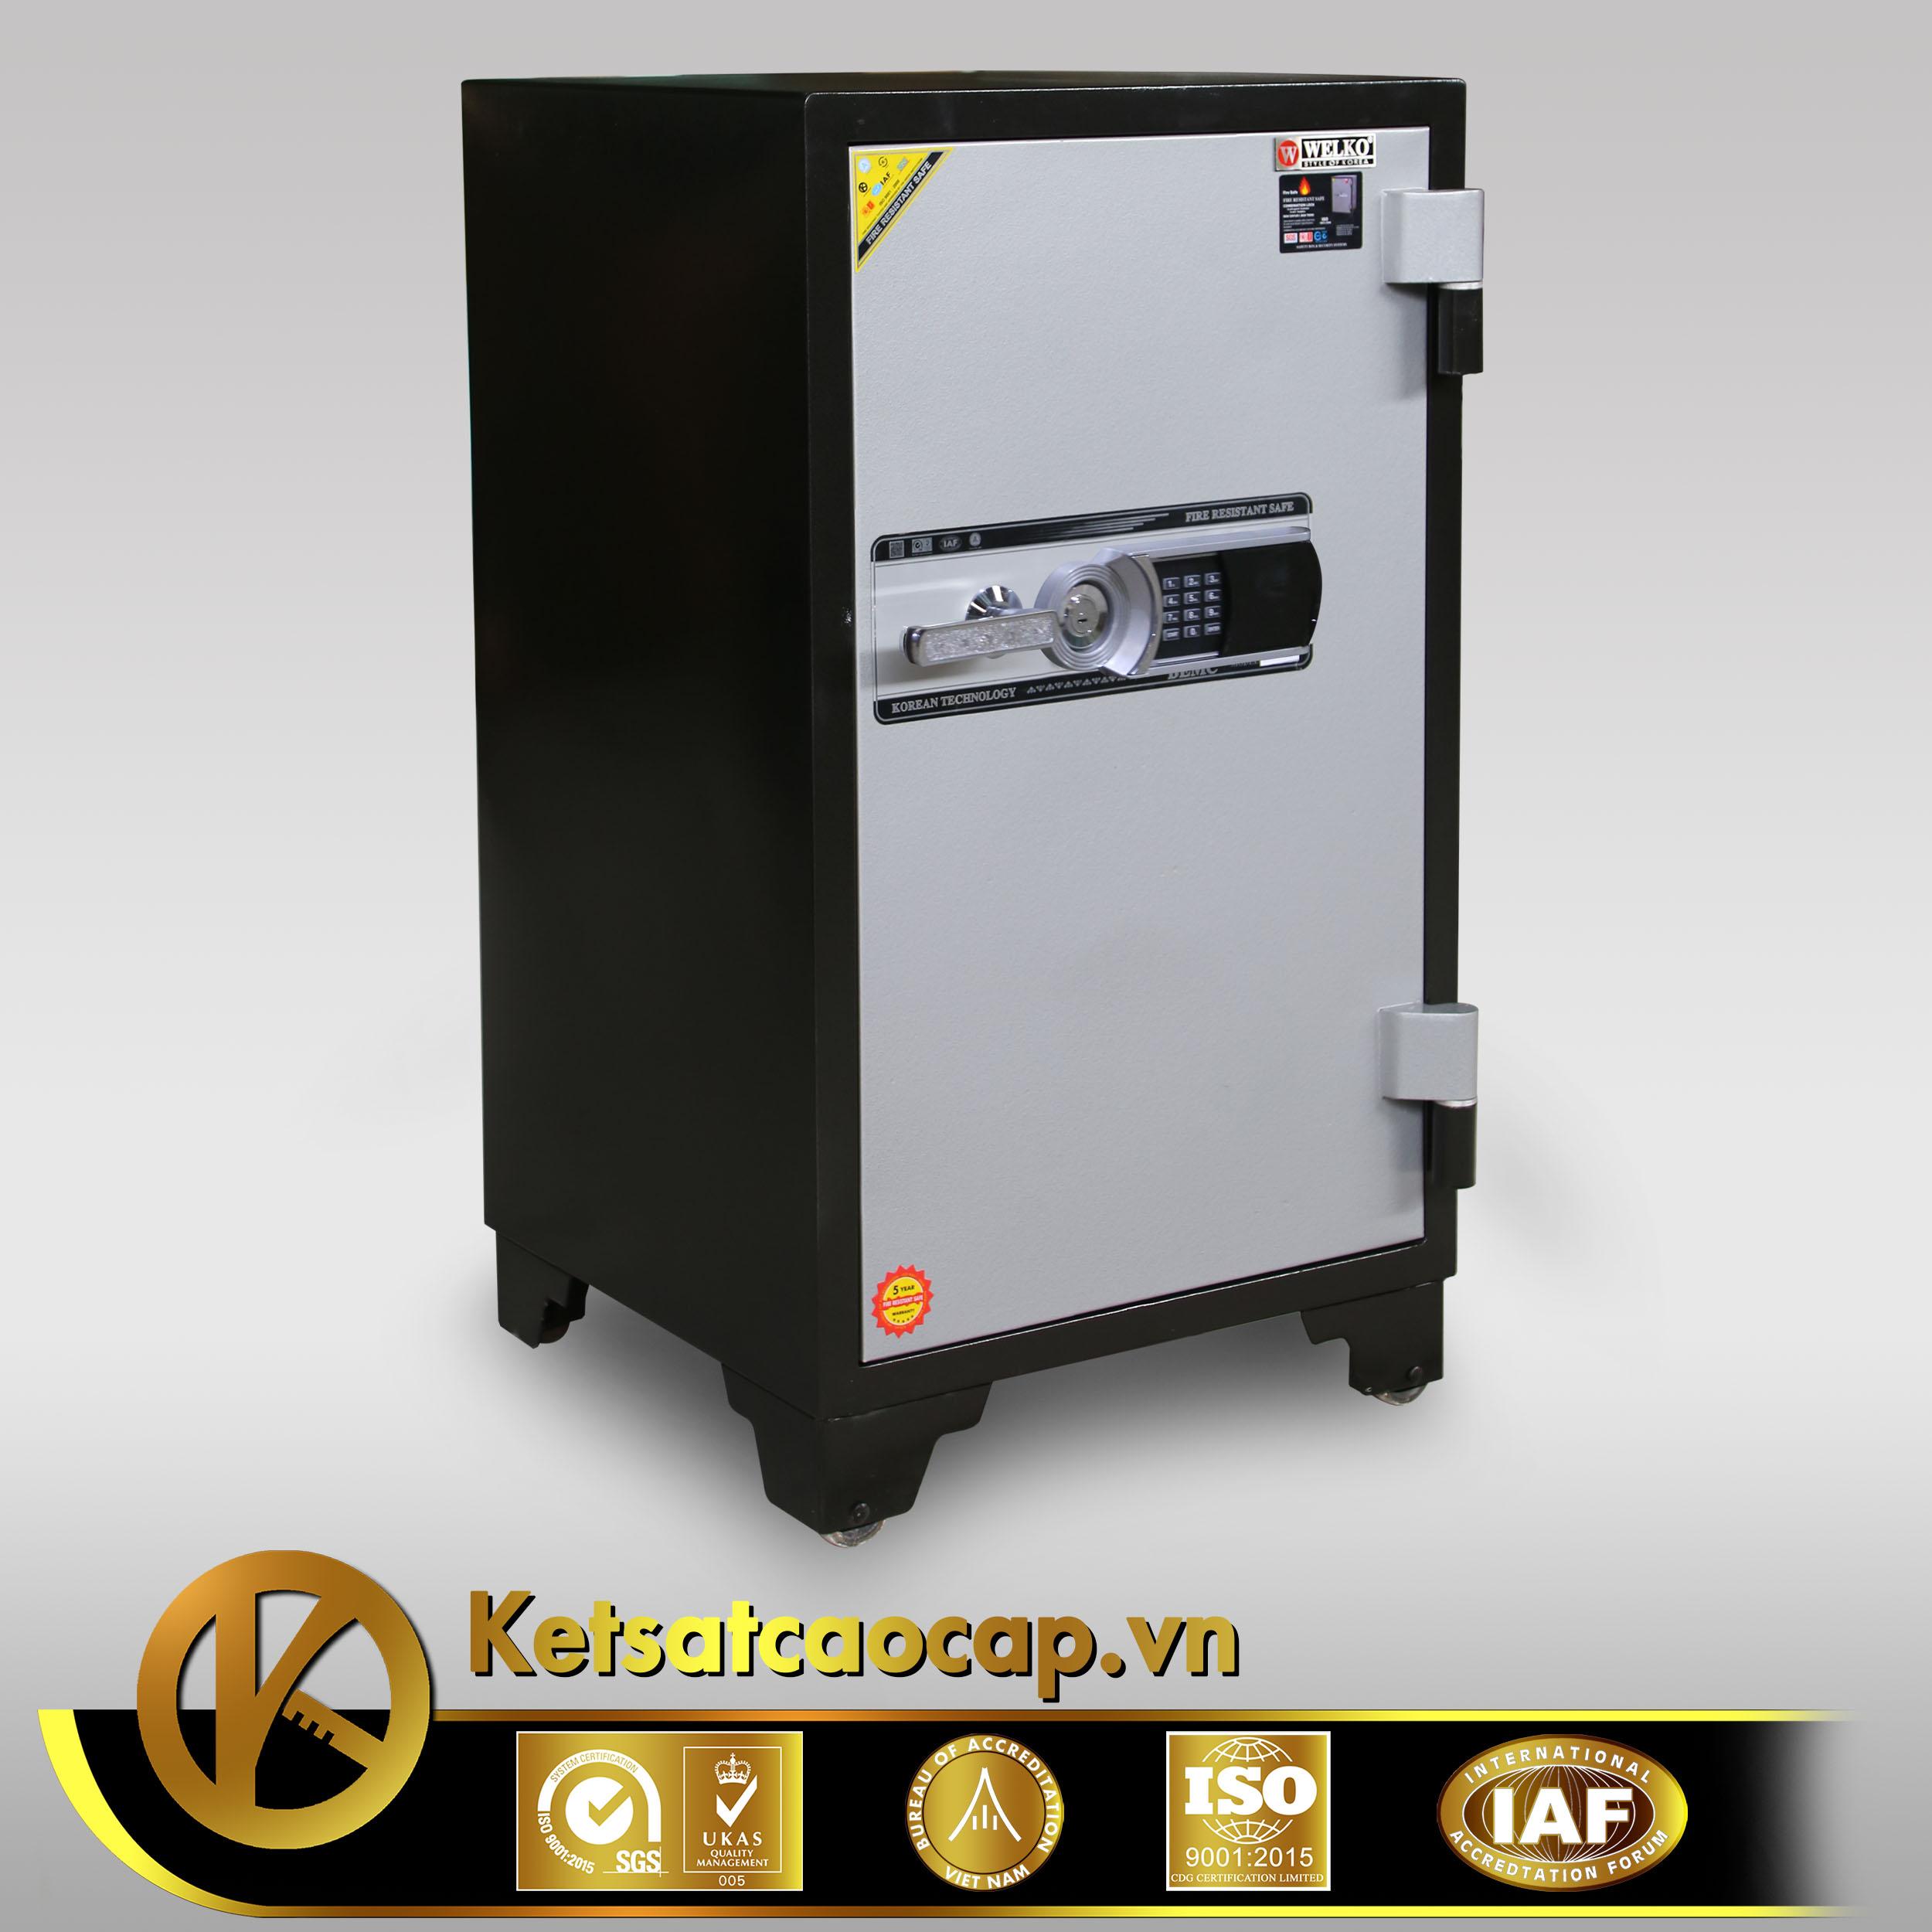 đặc điểm sản phẩm Két sắt Welko KS1070 EK khóa điện tử